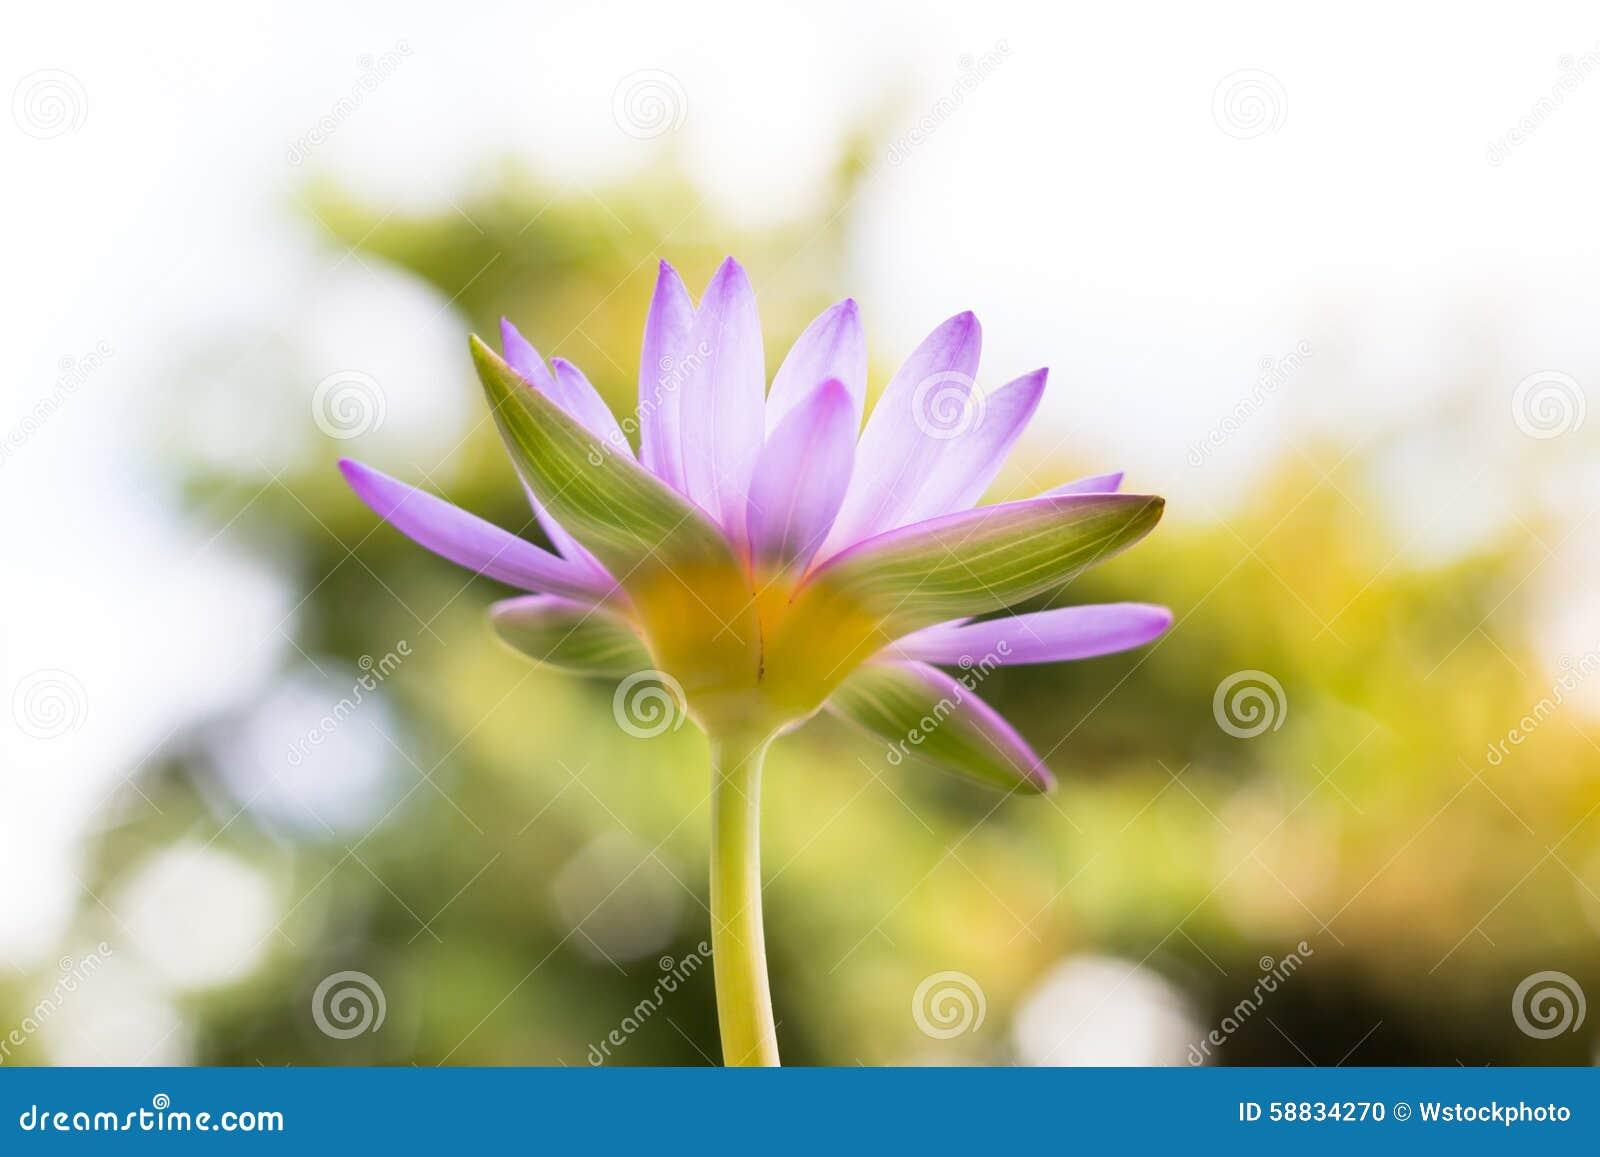 Onder bloem of de waterlelie van menings de mooie purpere Lotus bij het onduidelijke beeld B